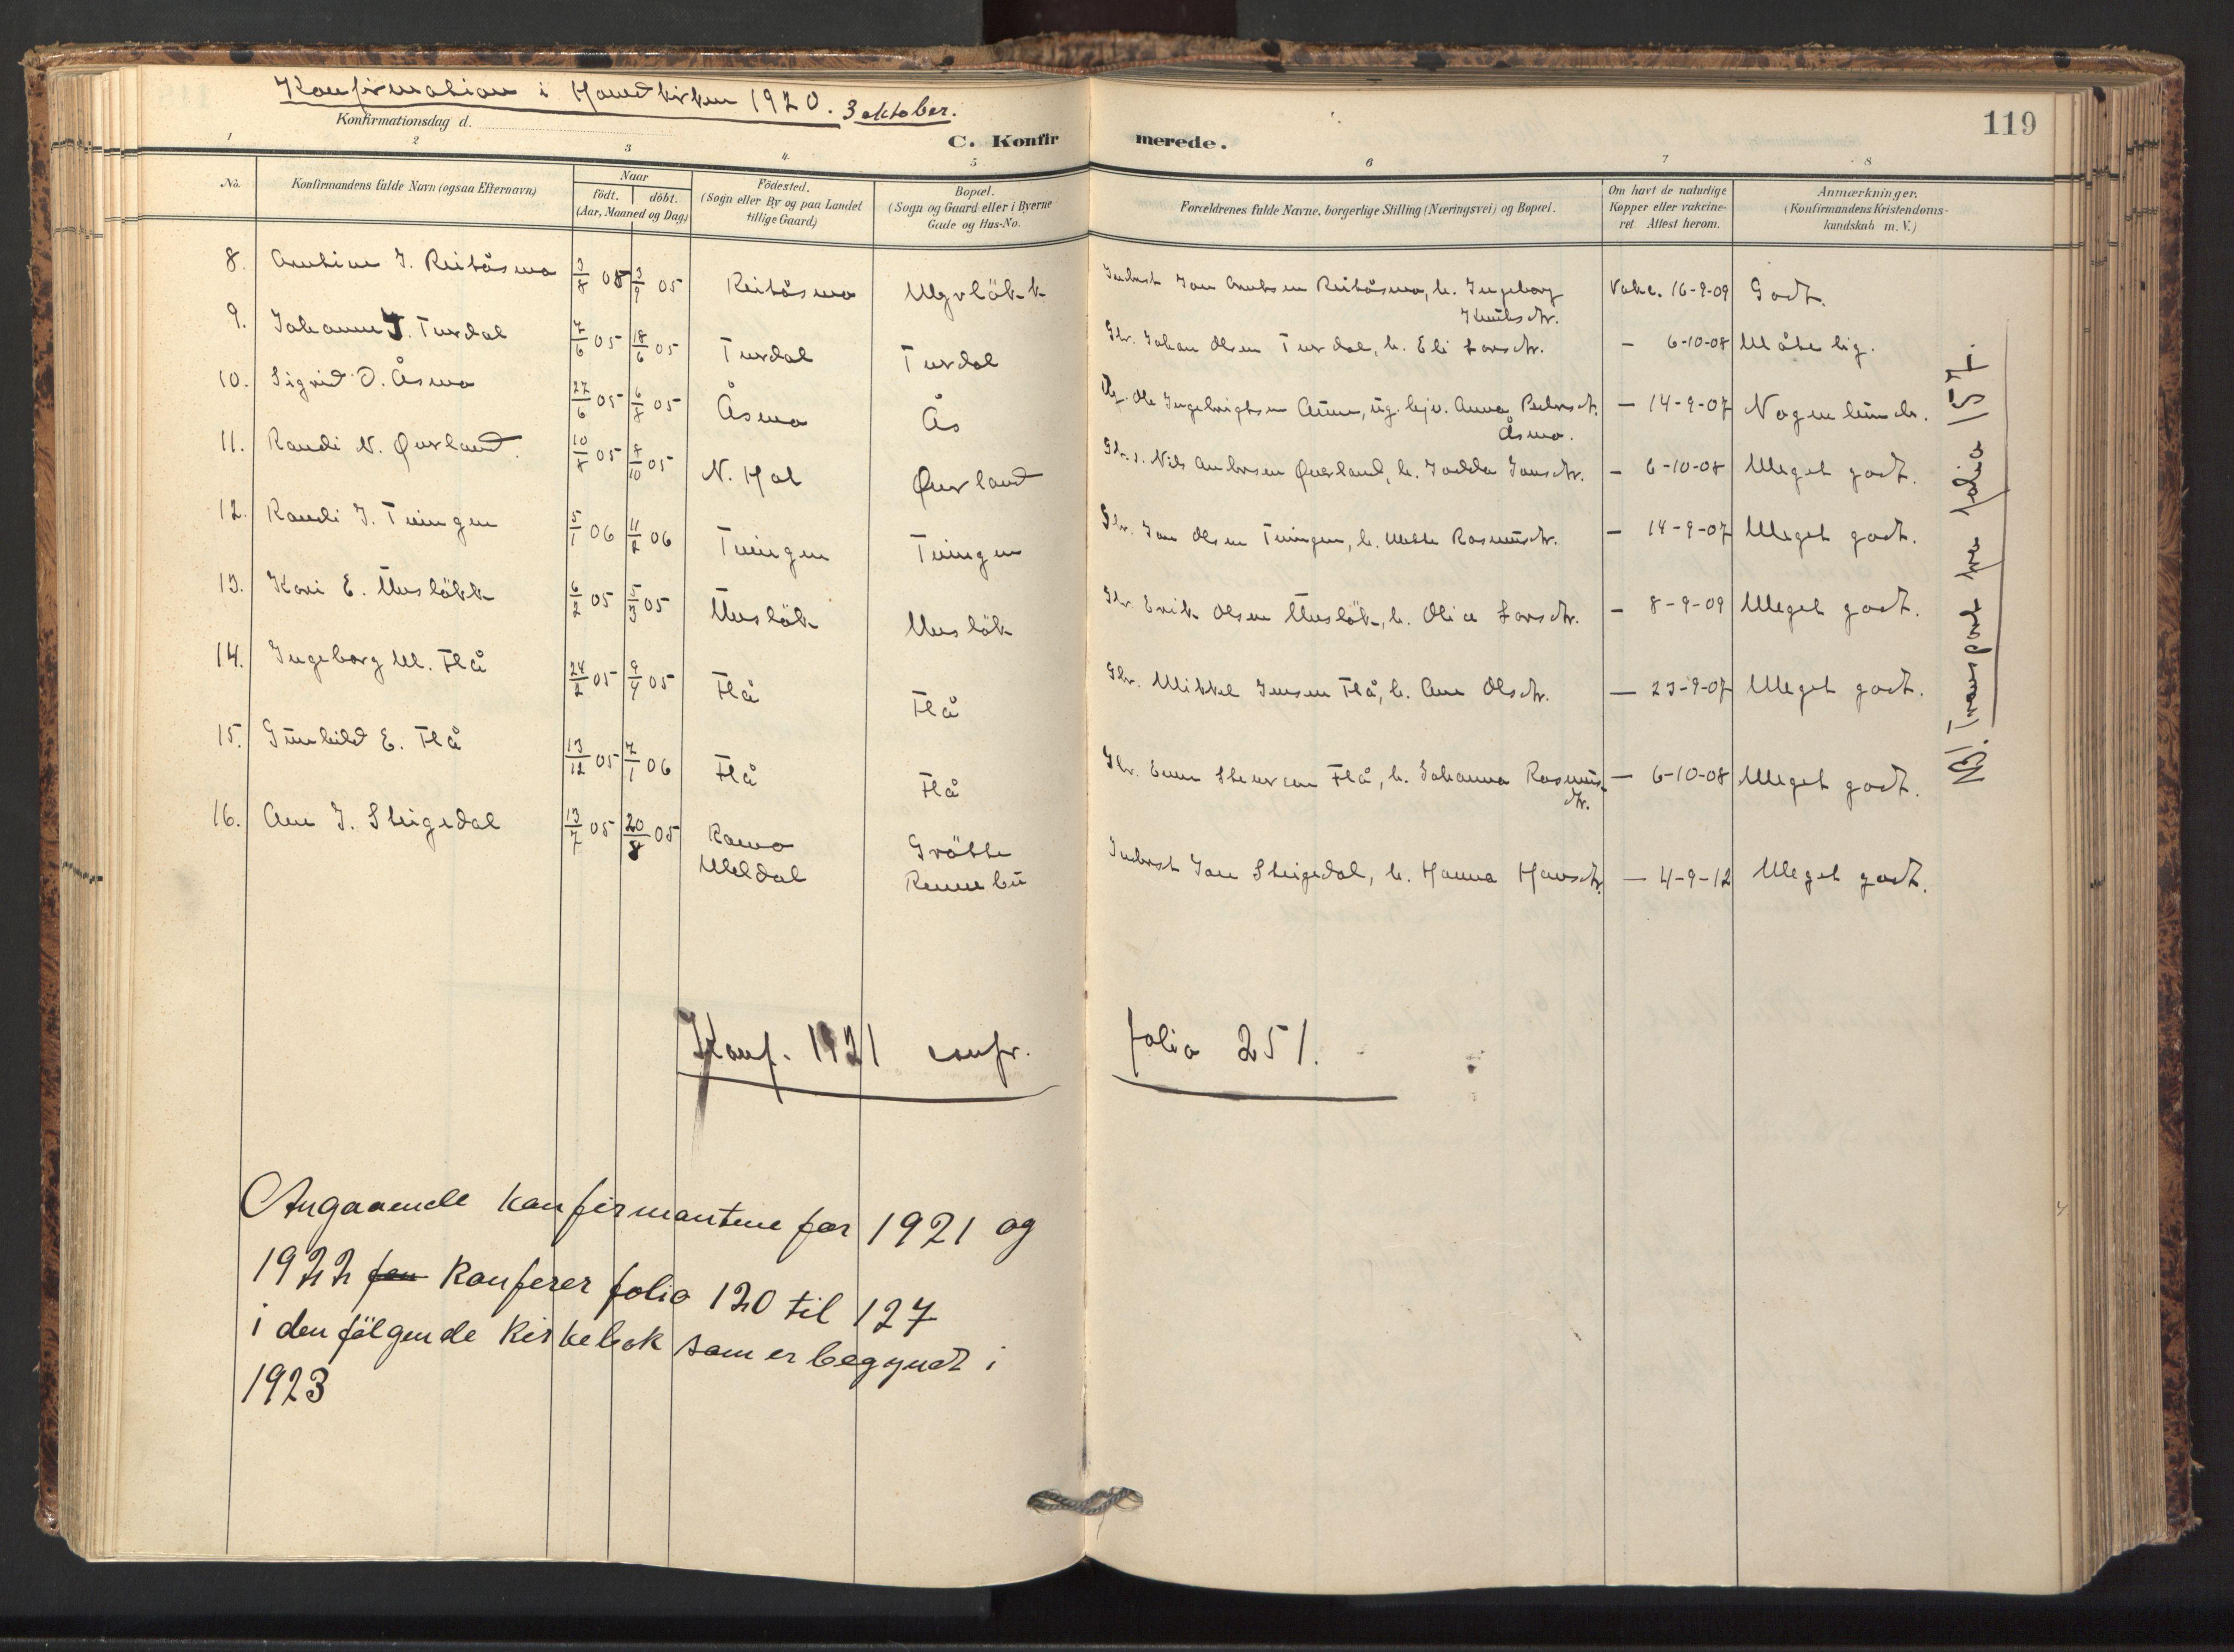 SAT, Ministerialprotokoller, klokkerbøker og fødselsregistre - Sør-Trøndelag, 674/L0873: Ministerialbok nr. 674A05, 1908-1923, s. 119